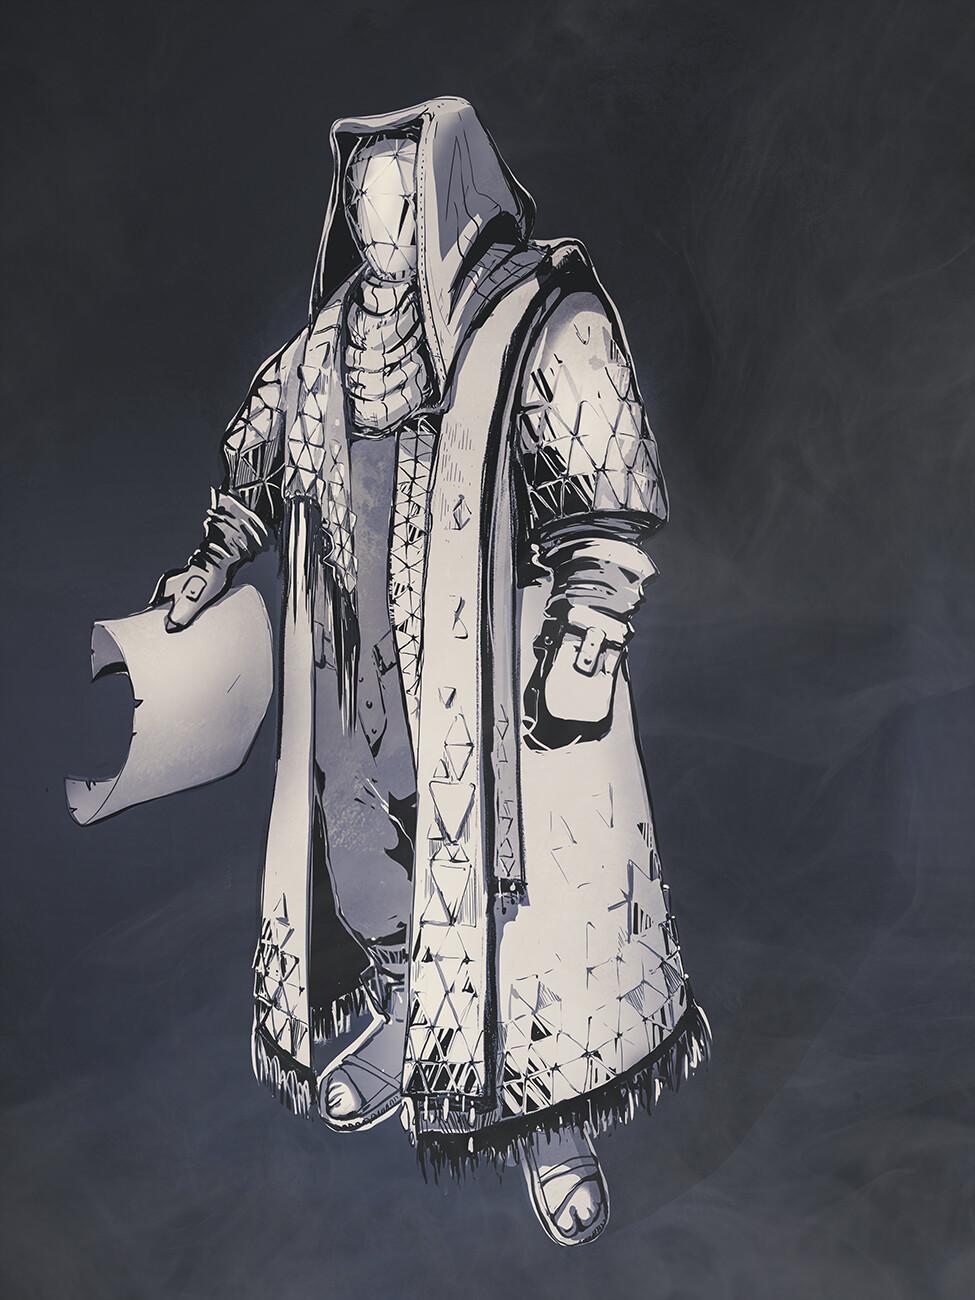 Futuristic priest